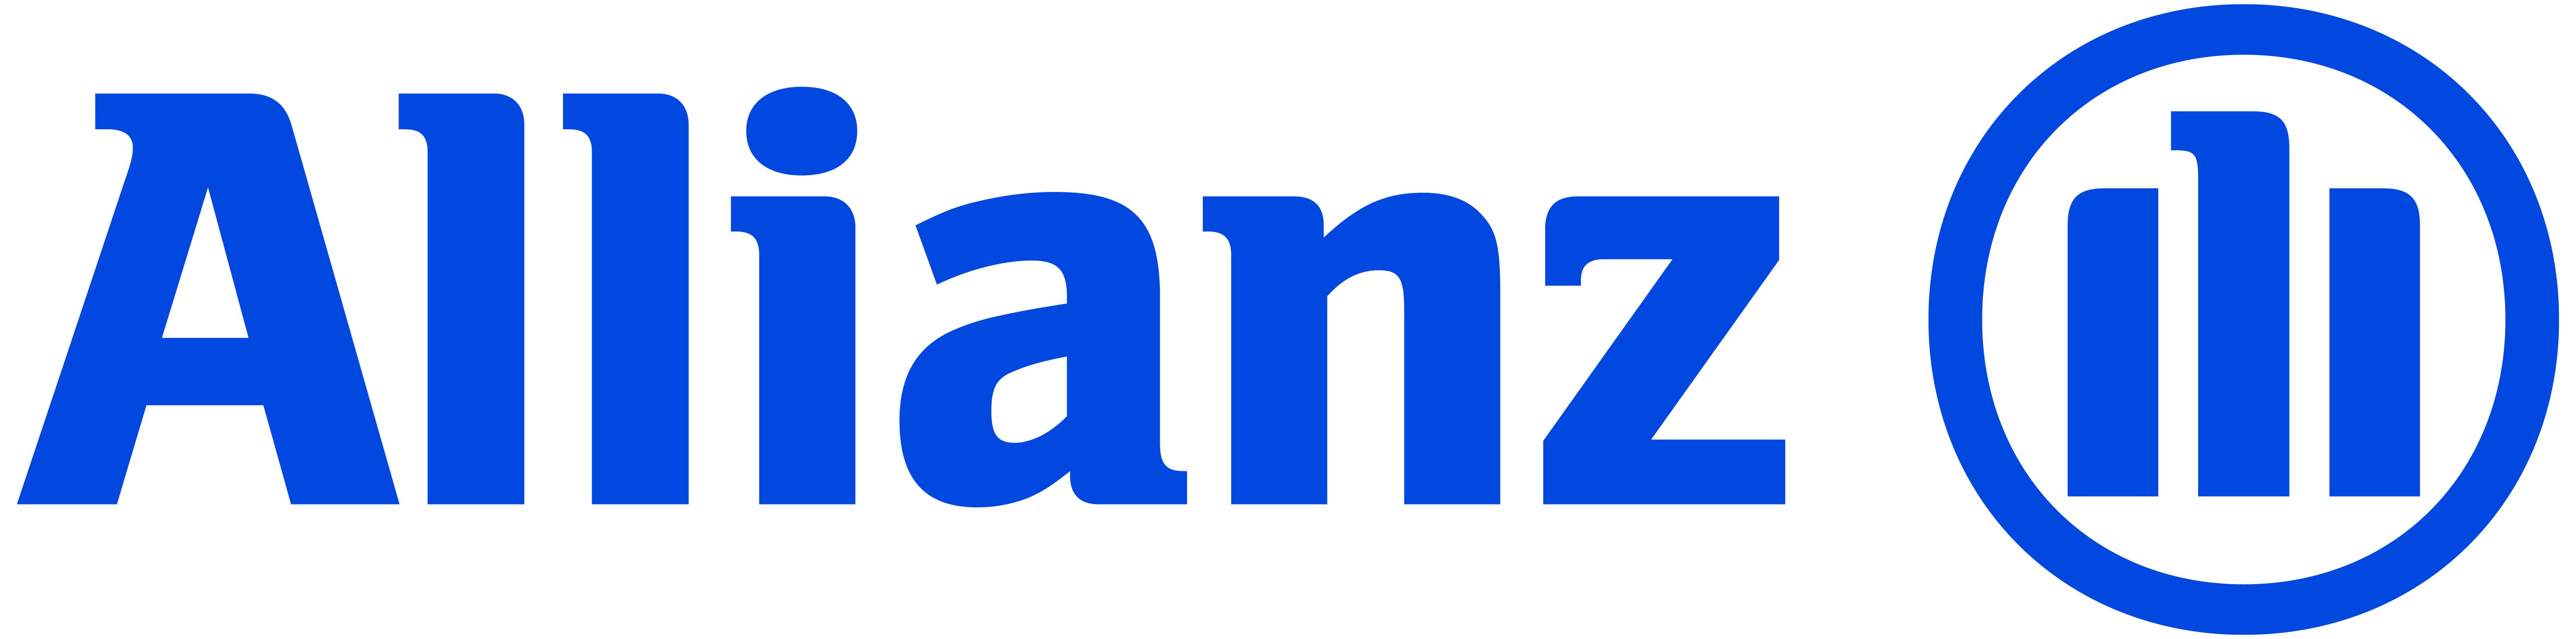 alt='Allianz'  Title='Allianz'